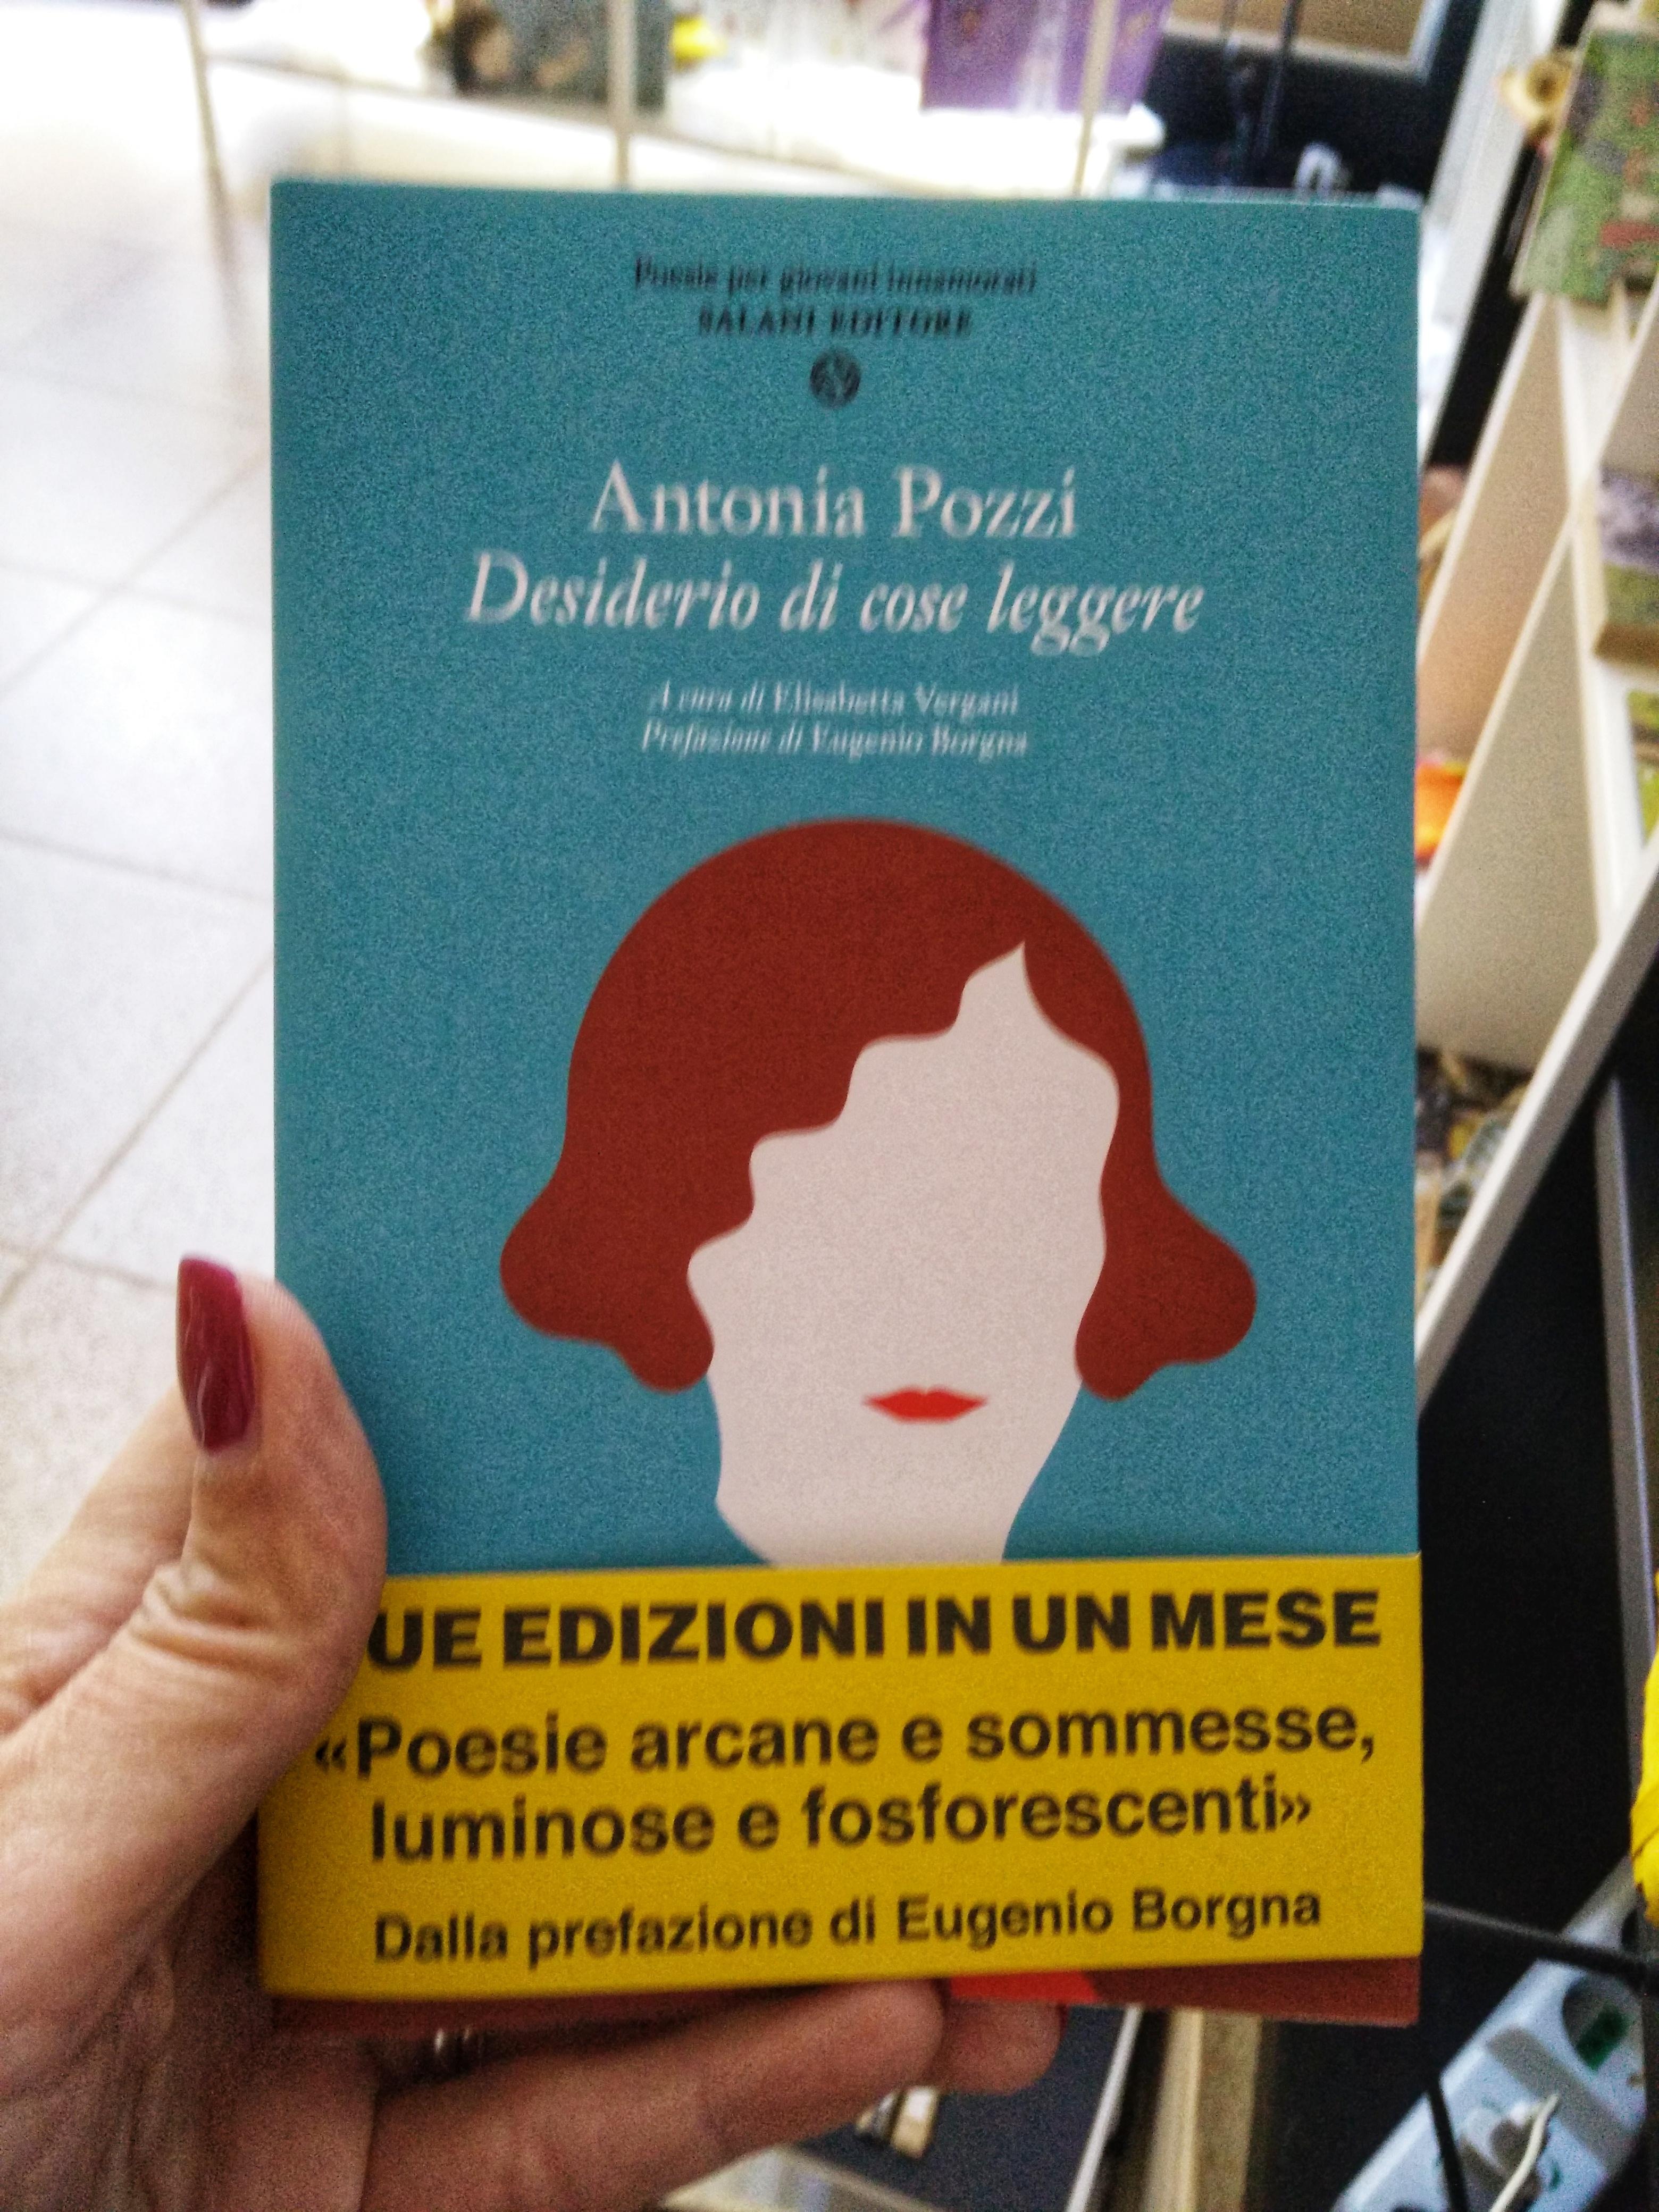 Antonia Pozzi. Desiderio di cose leggere